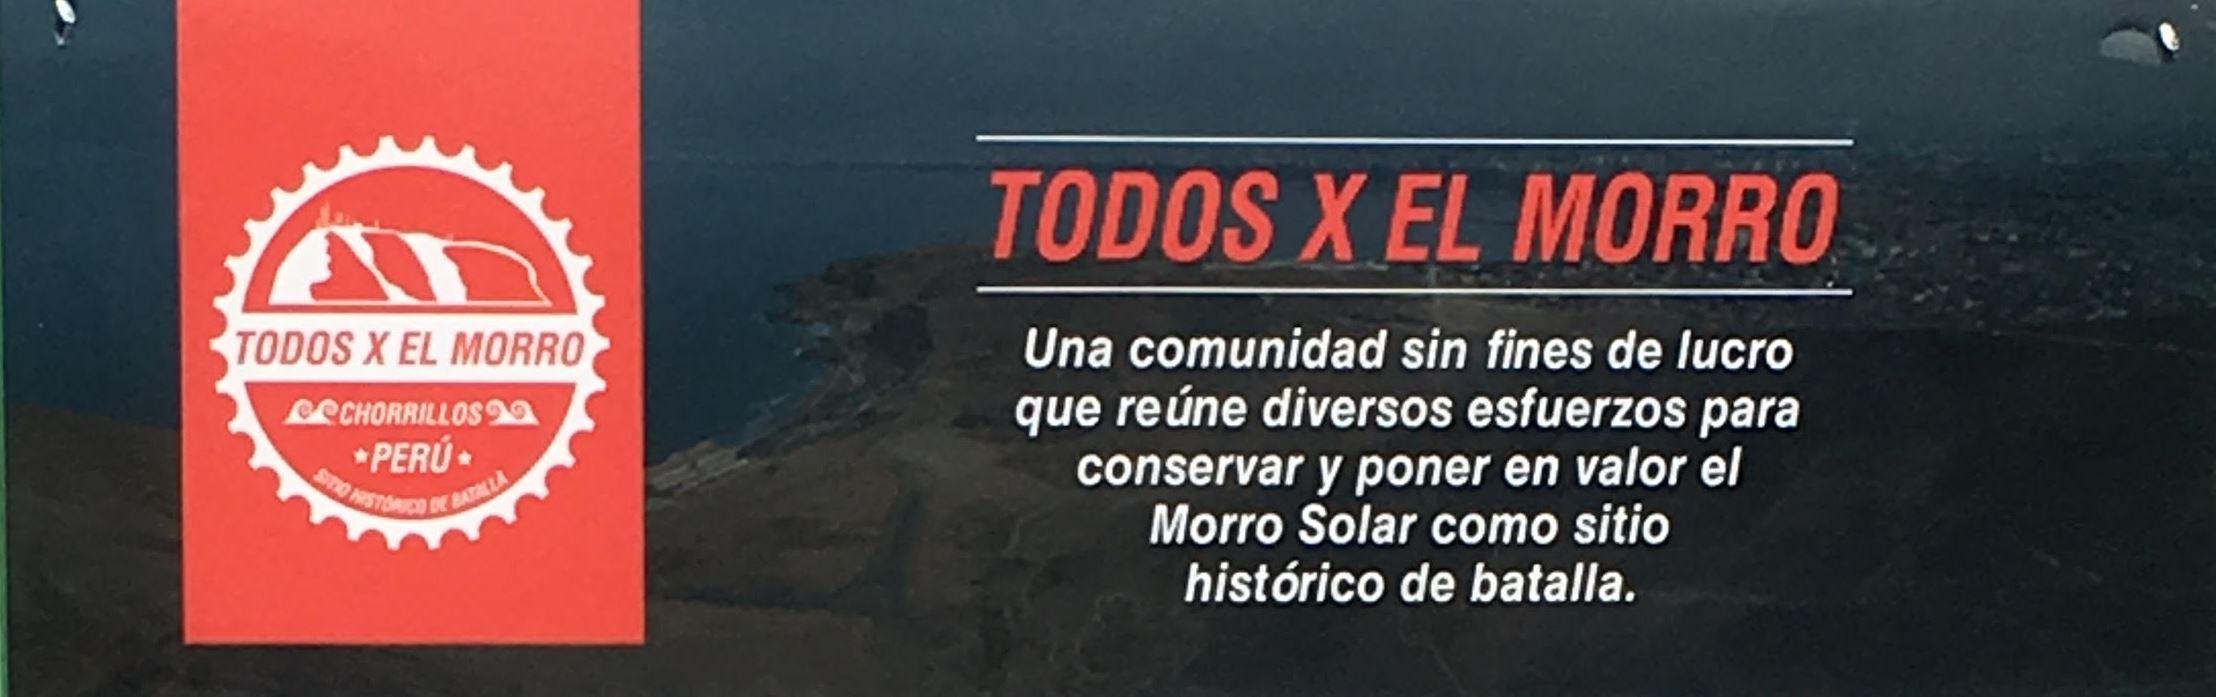 Todos X El Morro y la lógica de 'lava tu plato después de comer'